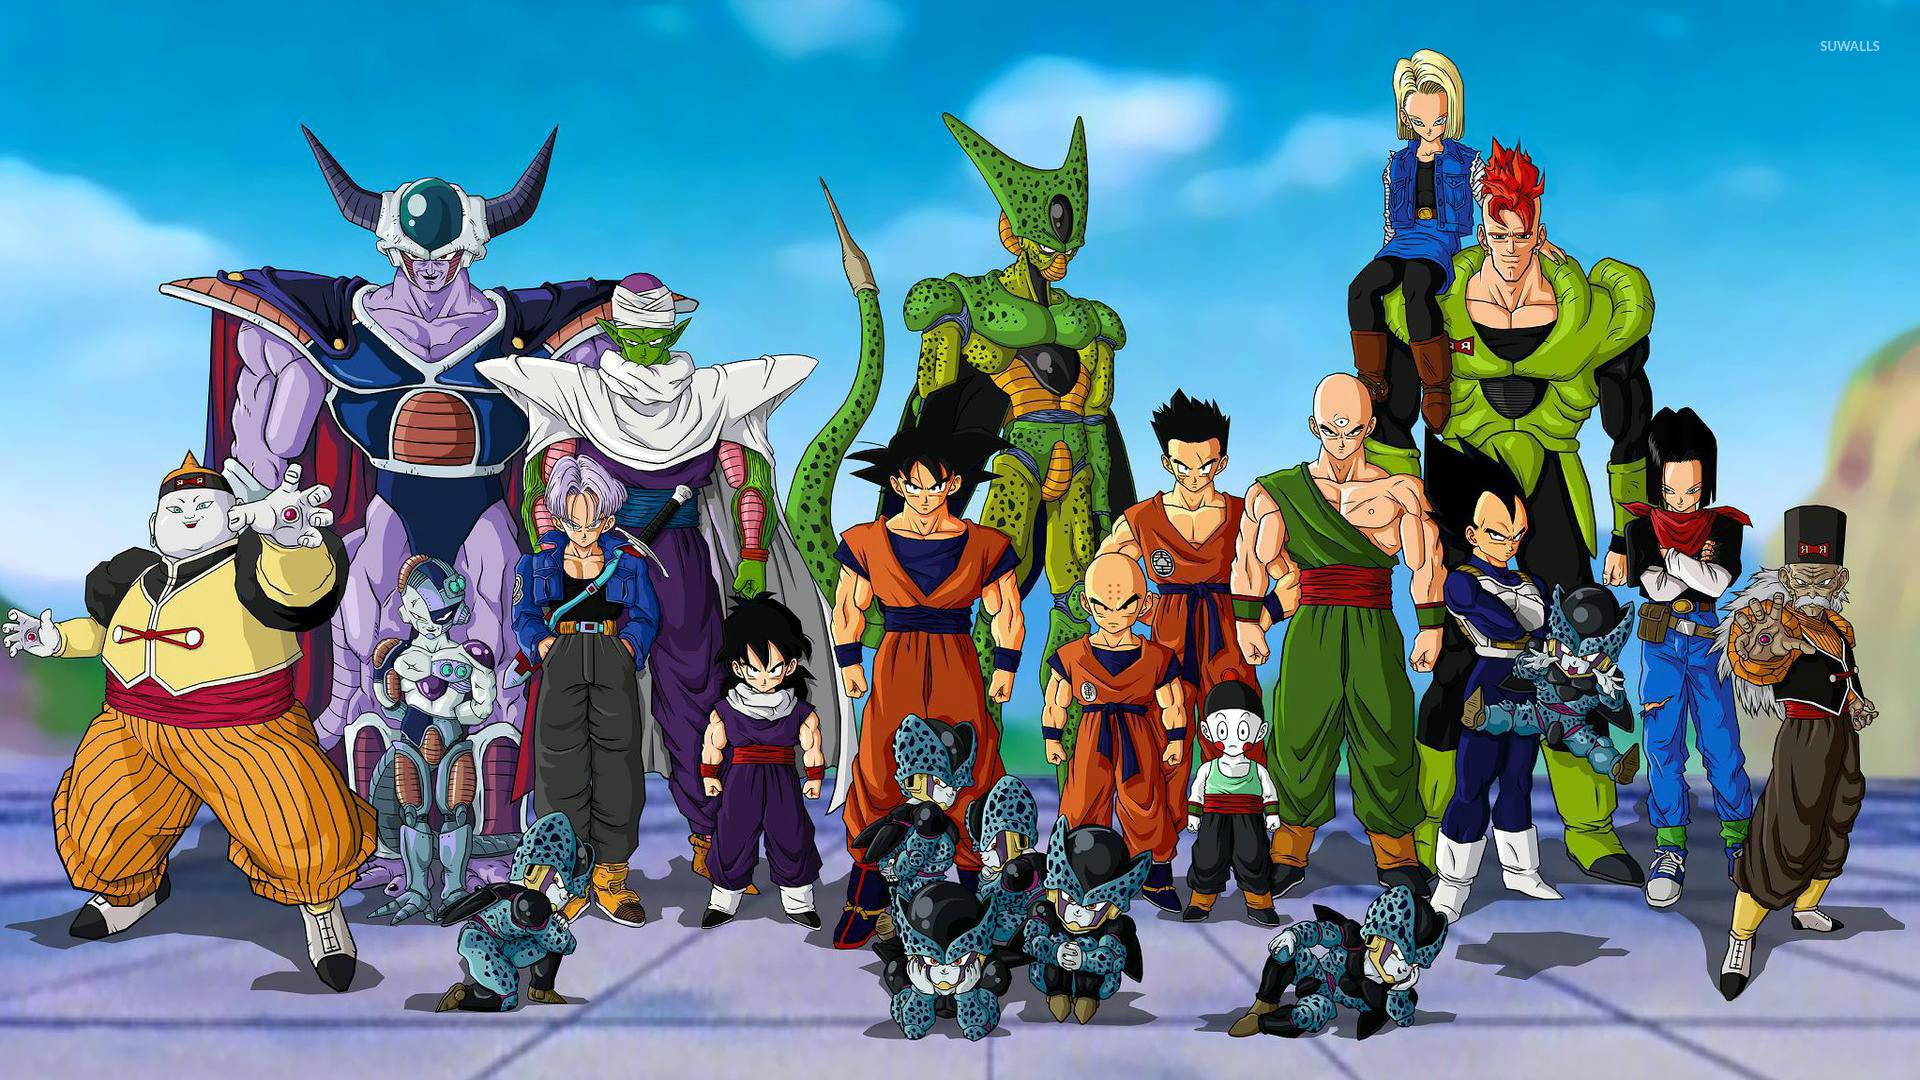 Dragon Ball Z Anime Characters : Dragon ball z wallpaper anime wallpapers